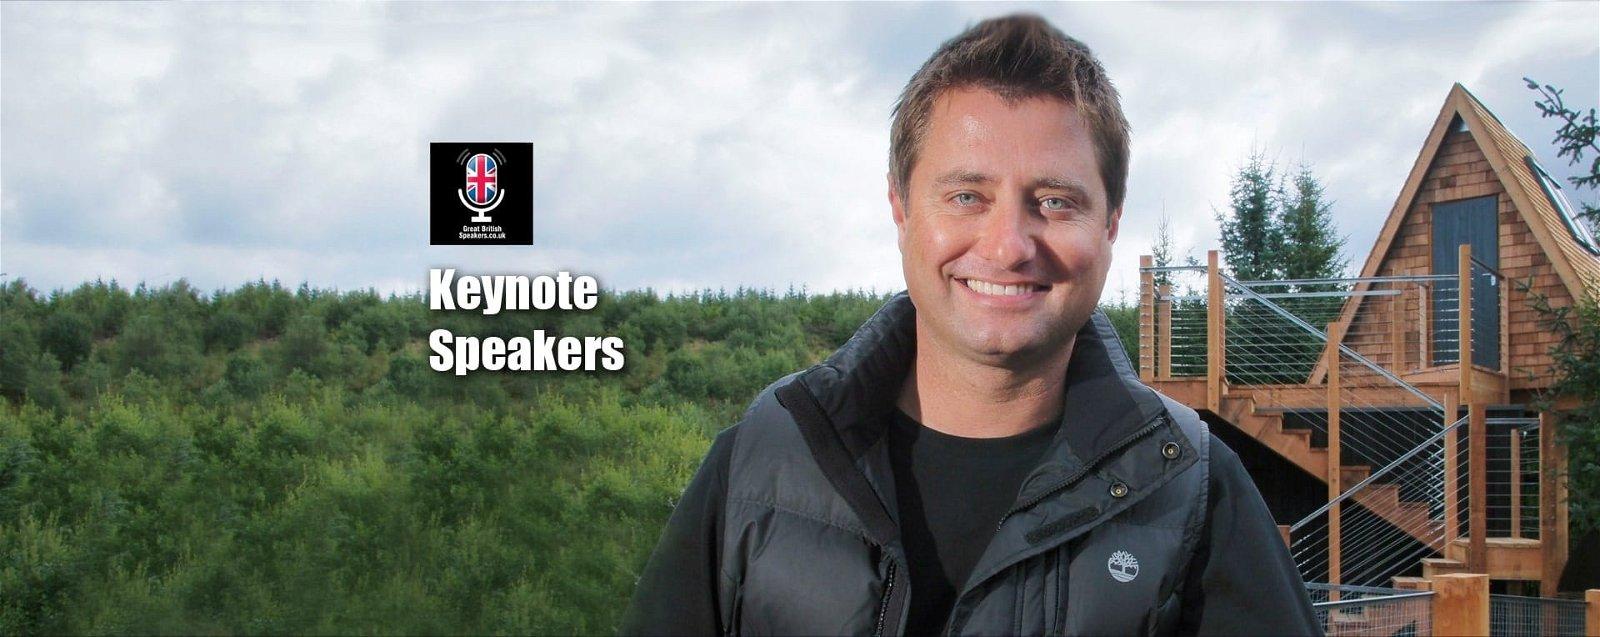 Keynote Speakers Slider Great British Speakers-min